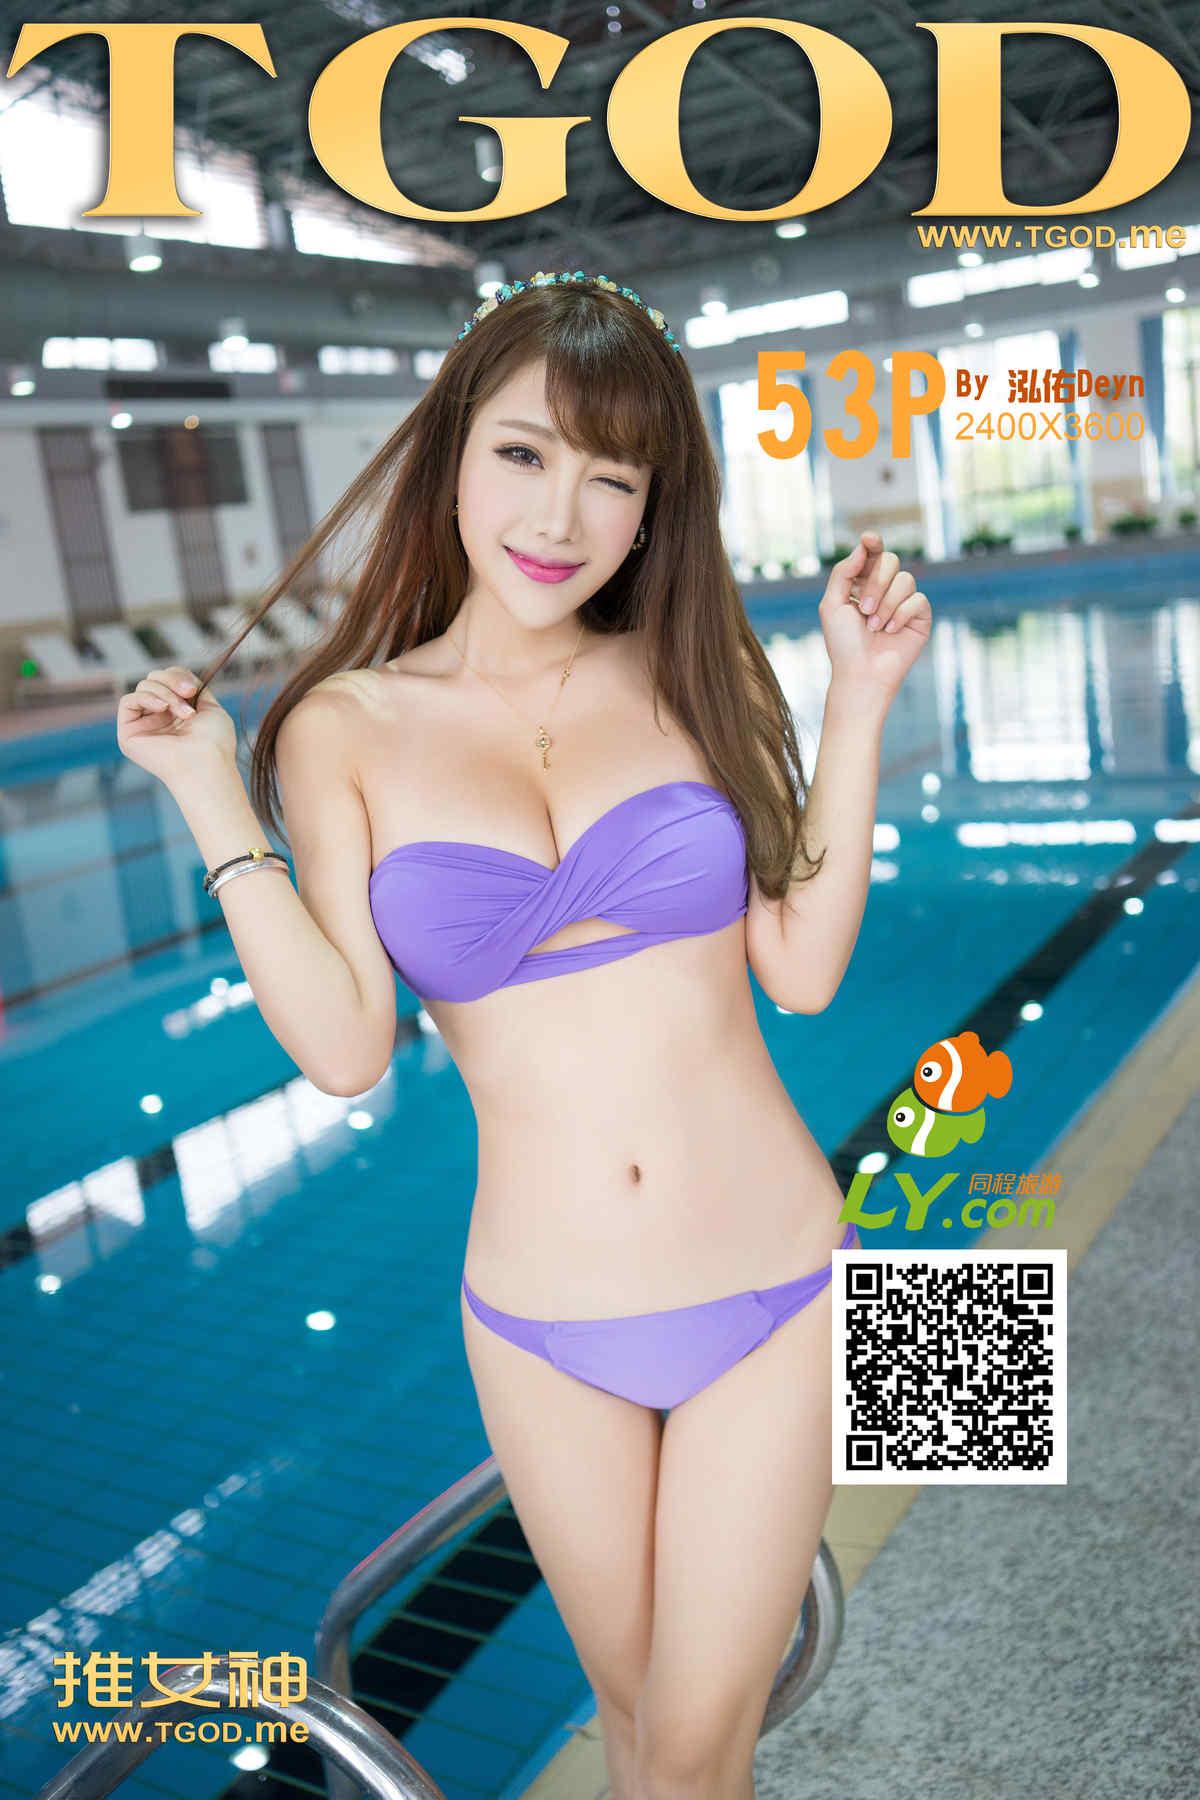 tgod-akiki-001-cover.jpg